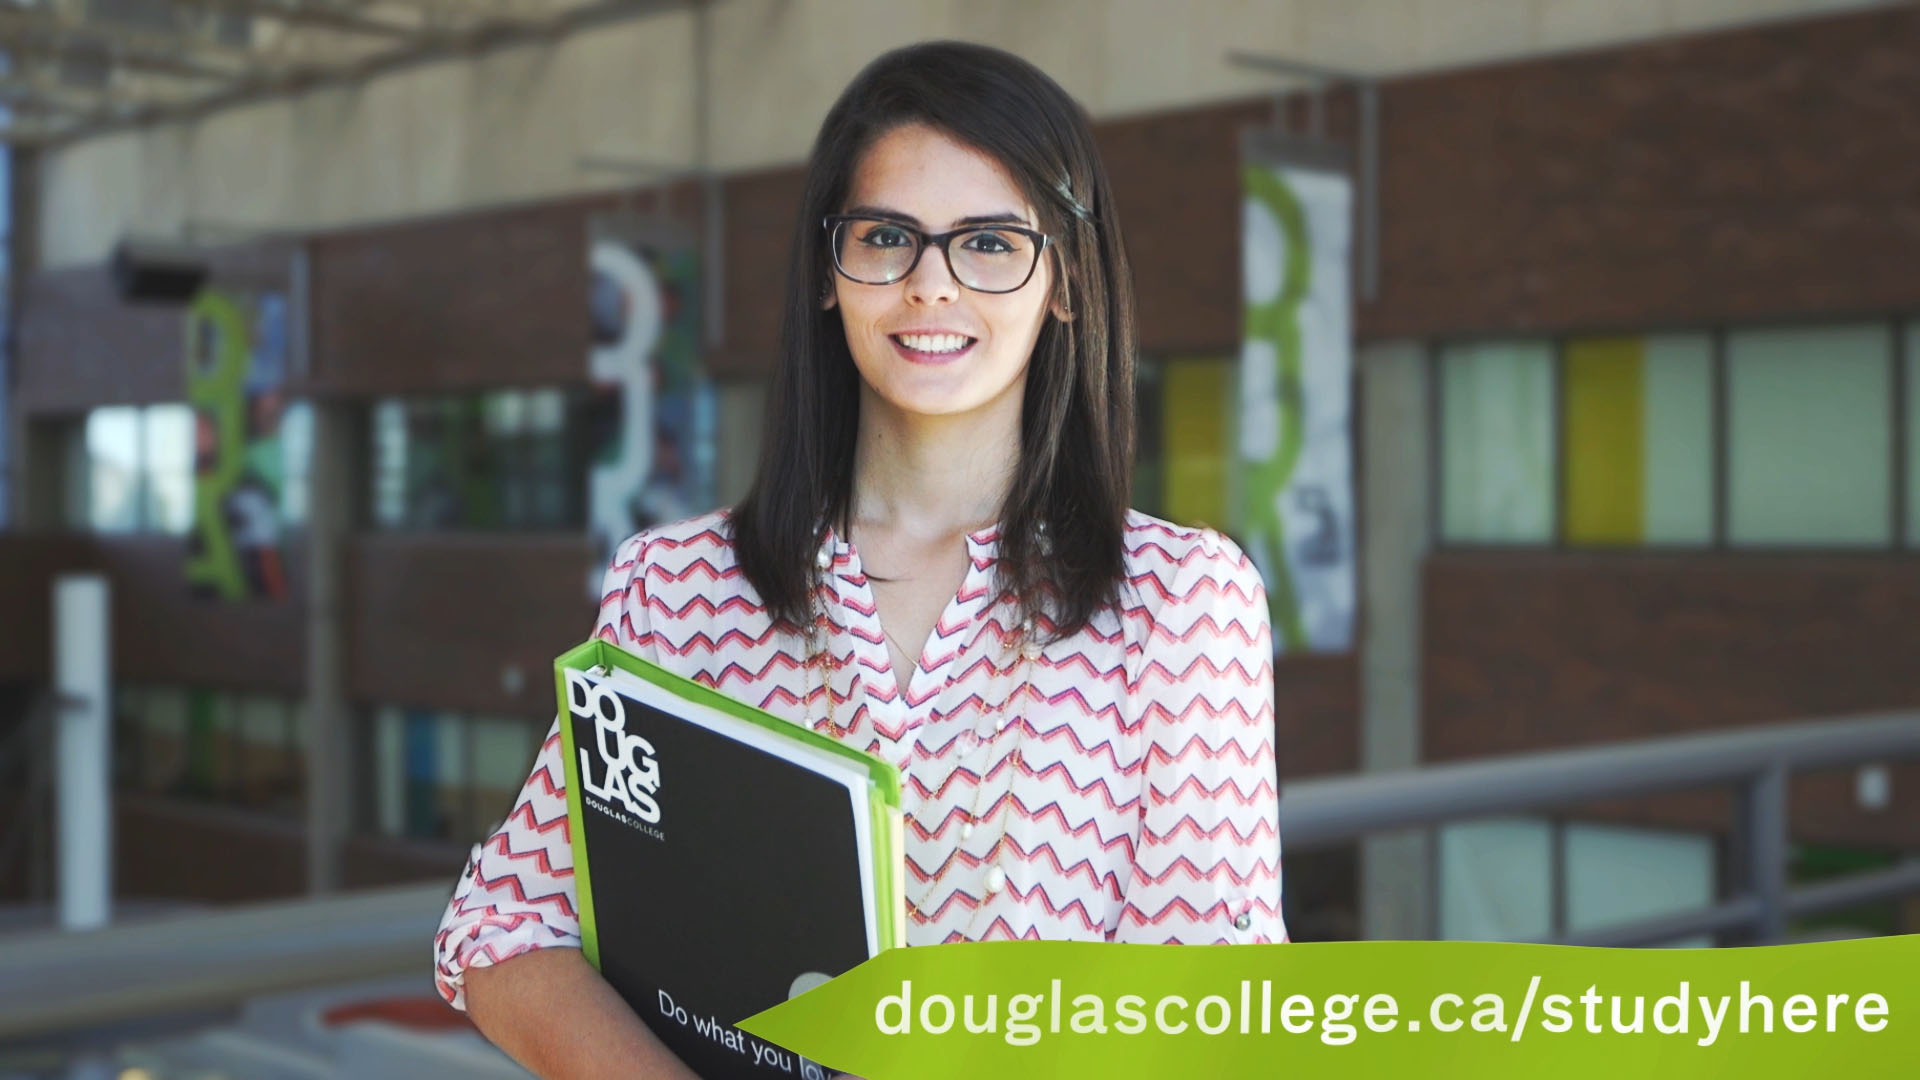 Douglas College Brazil Ad Campaign 20 Second Spot